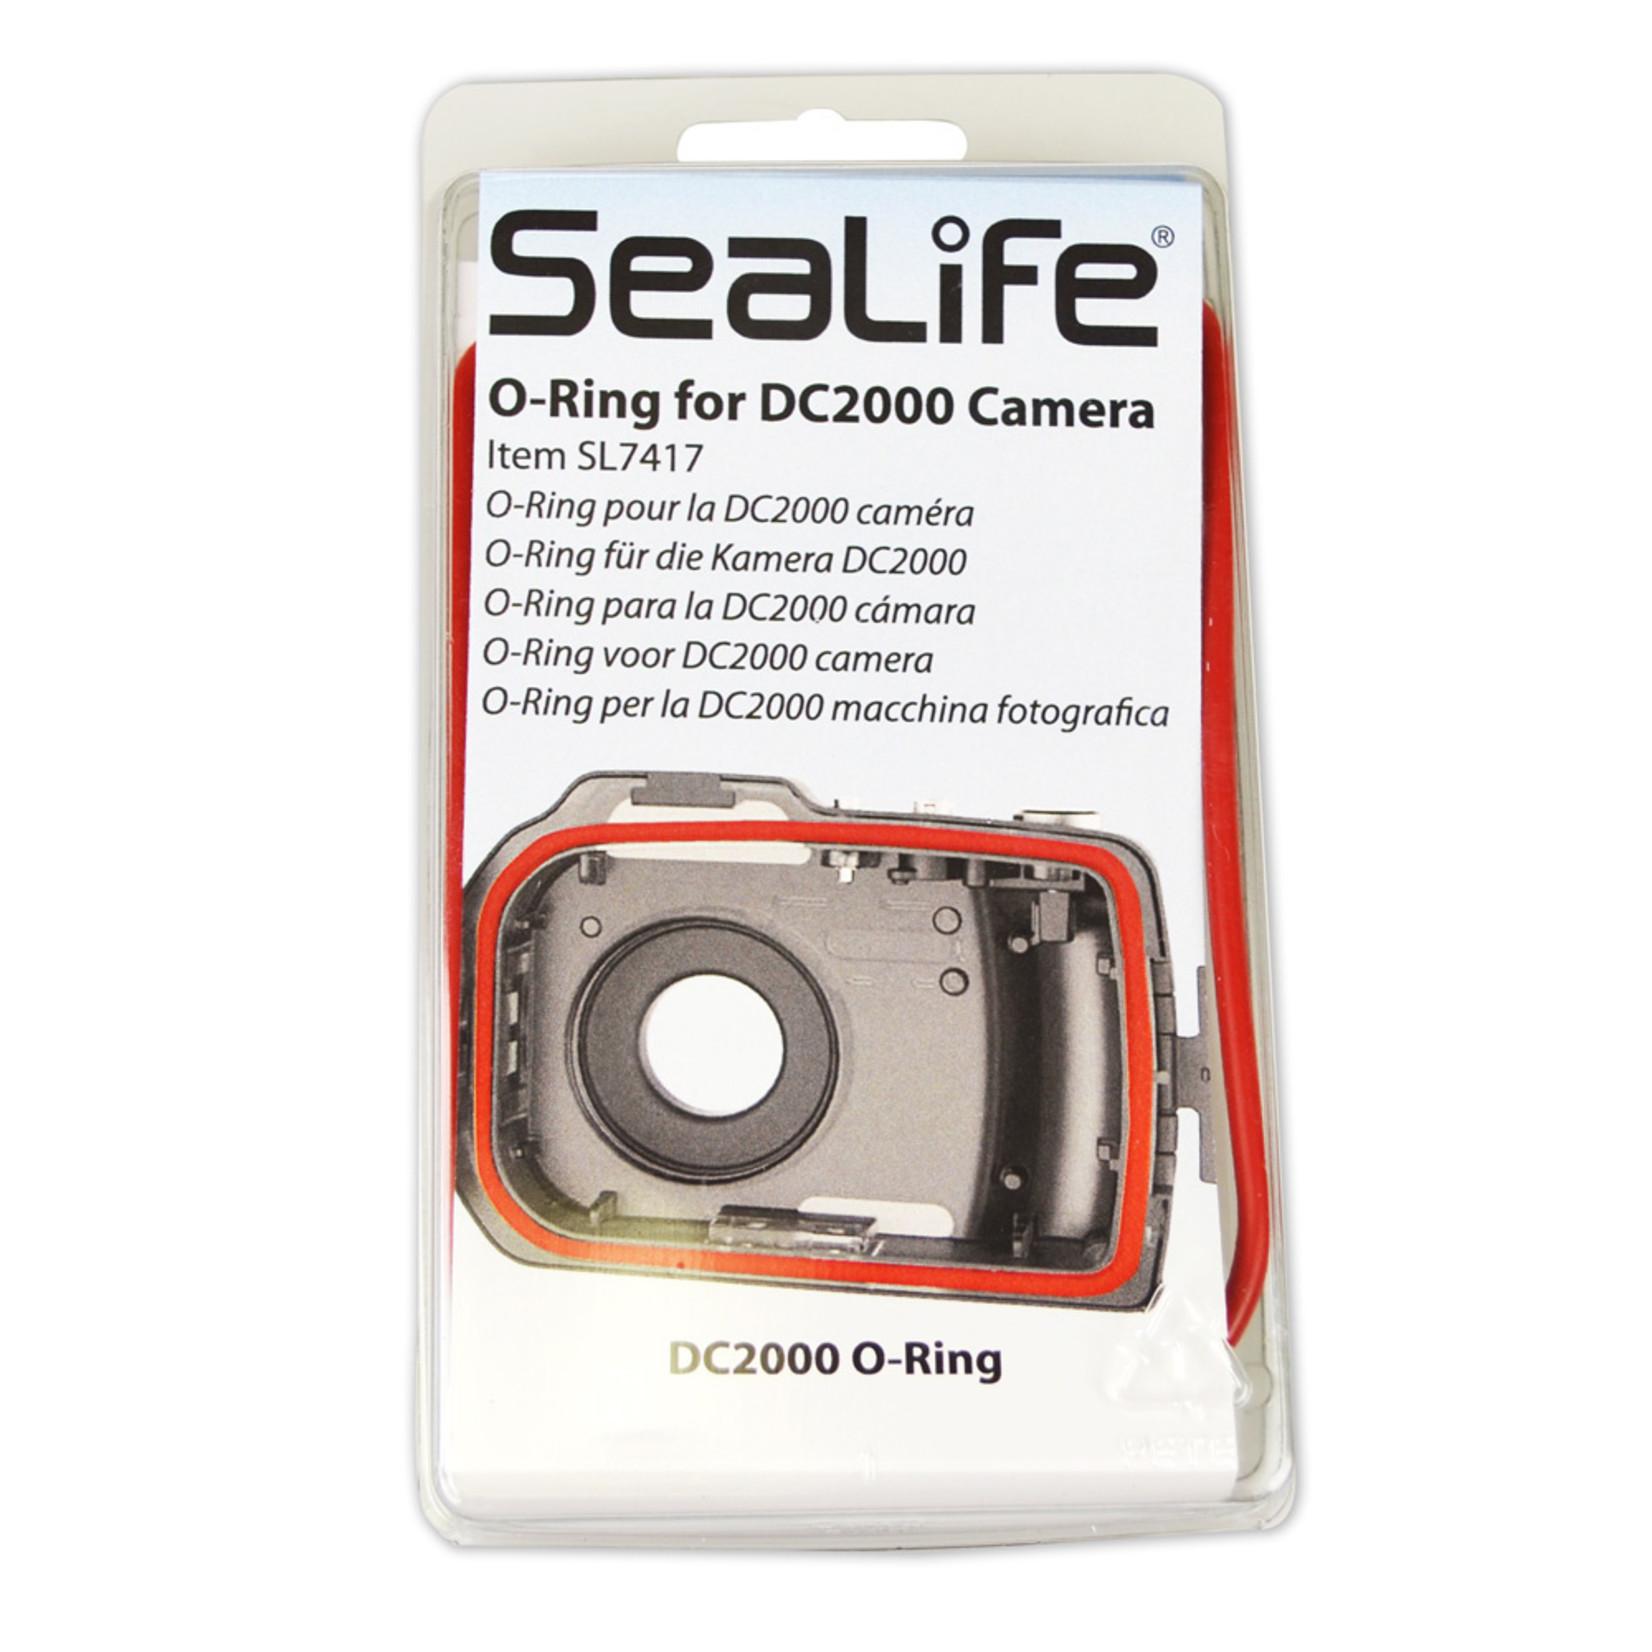 Sealife O-ring for DC2000 Housing